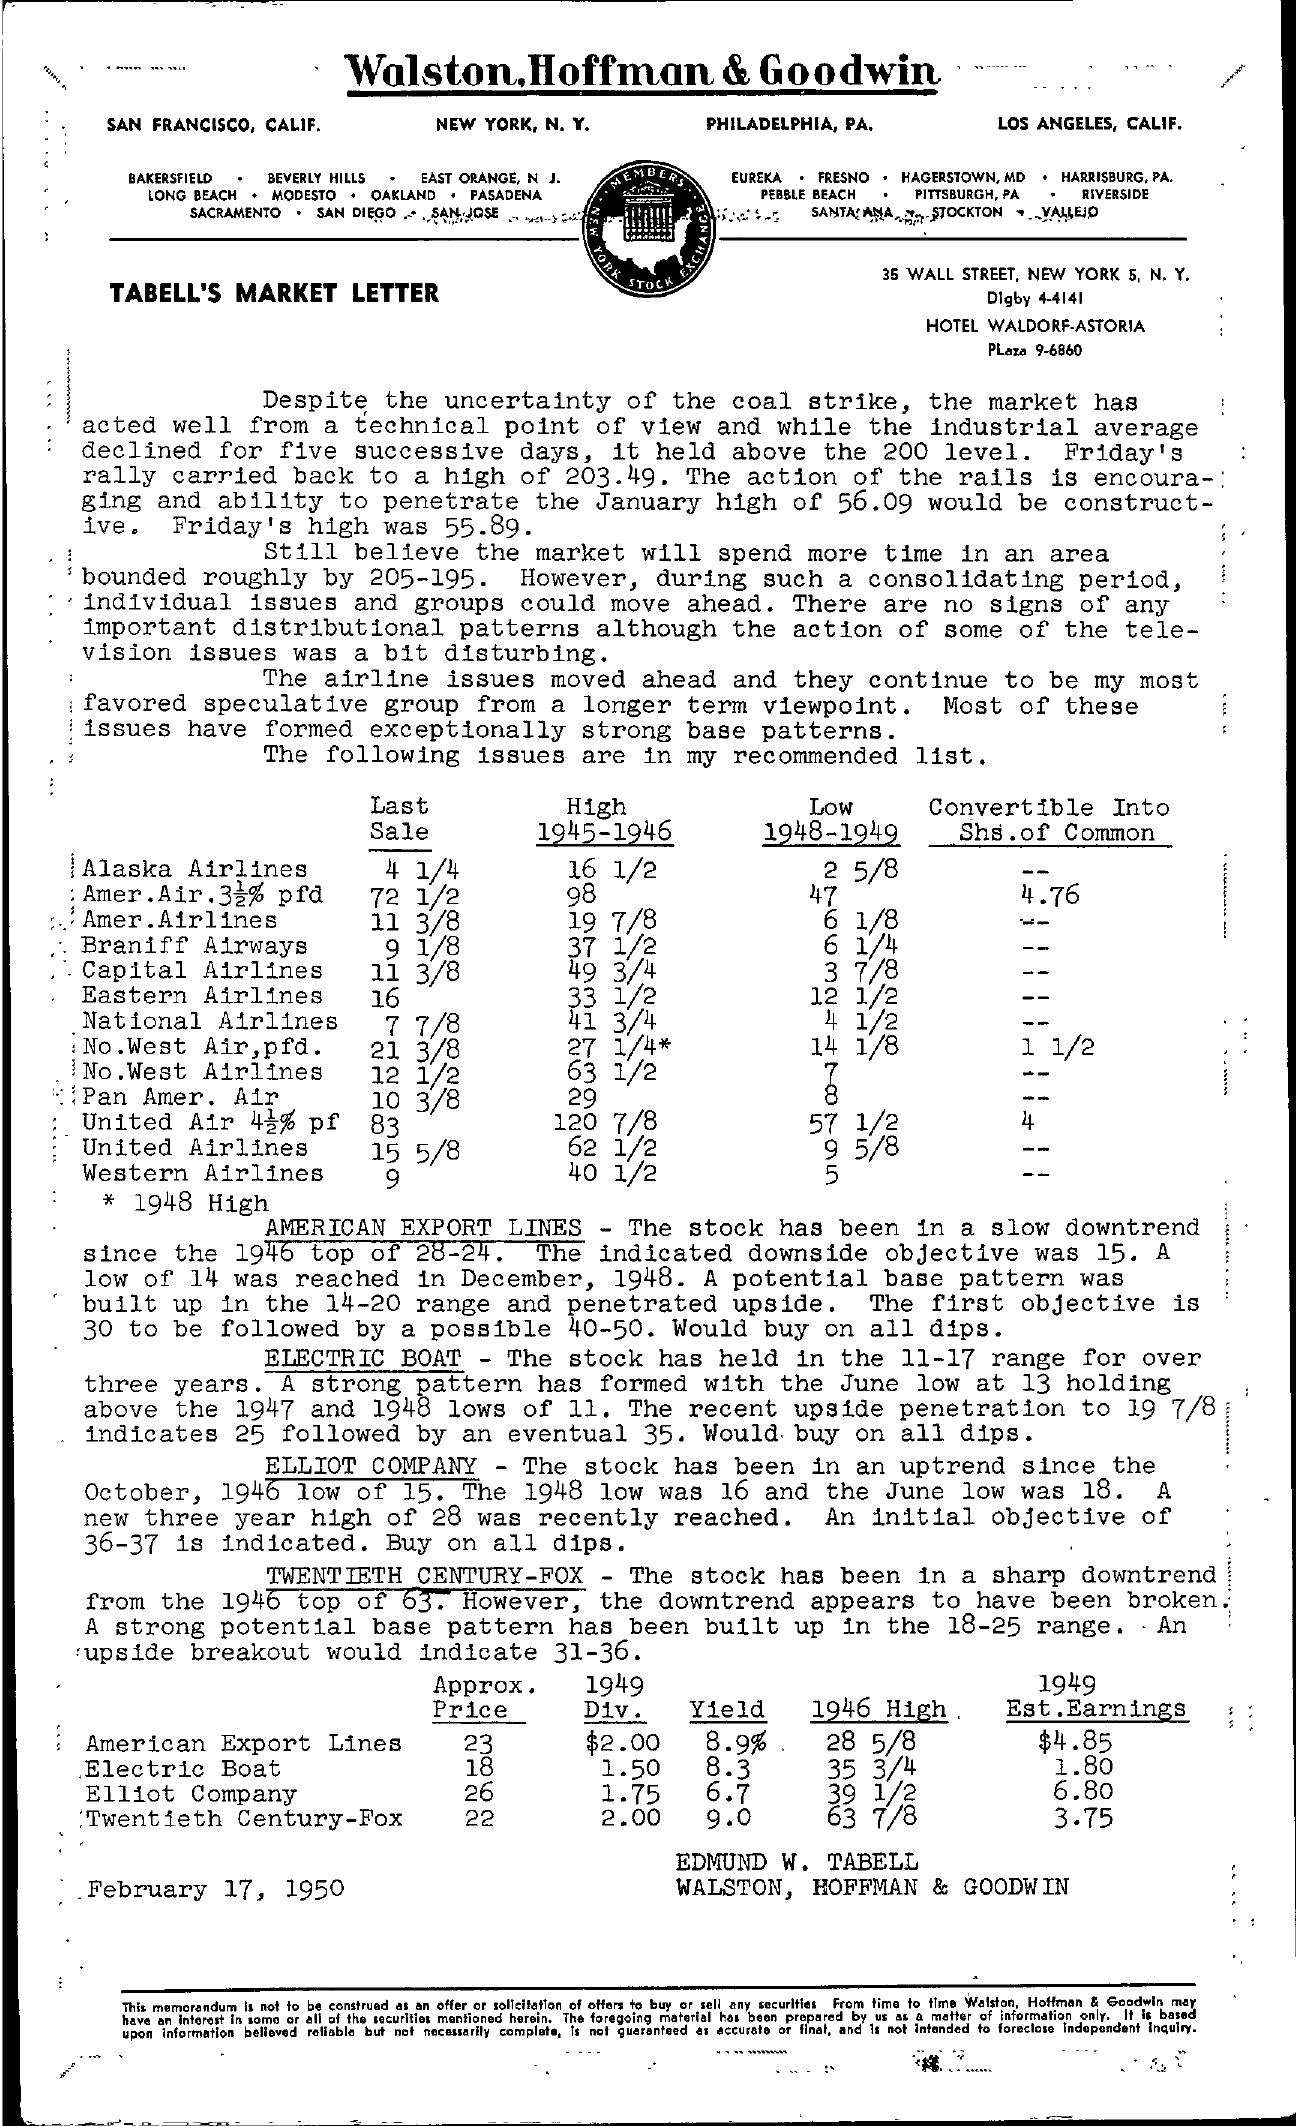 Tabell's Market Letter - February 17, 1950